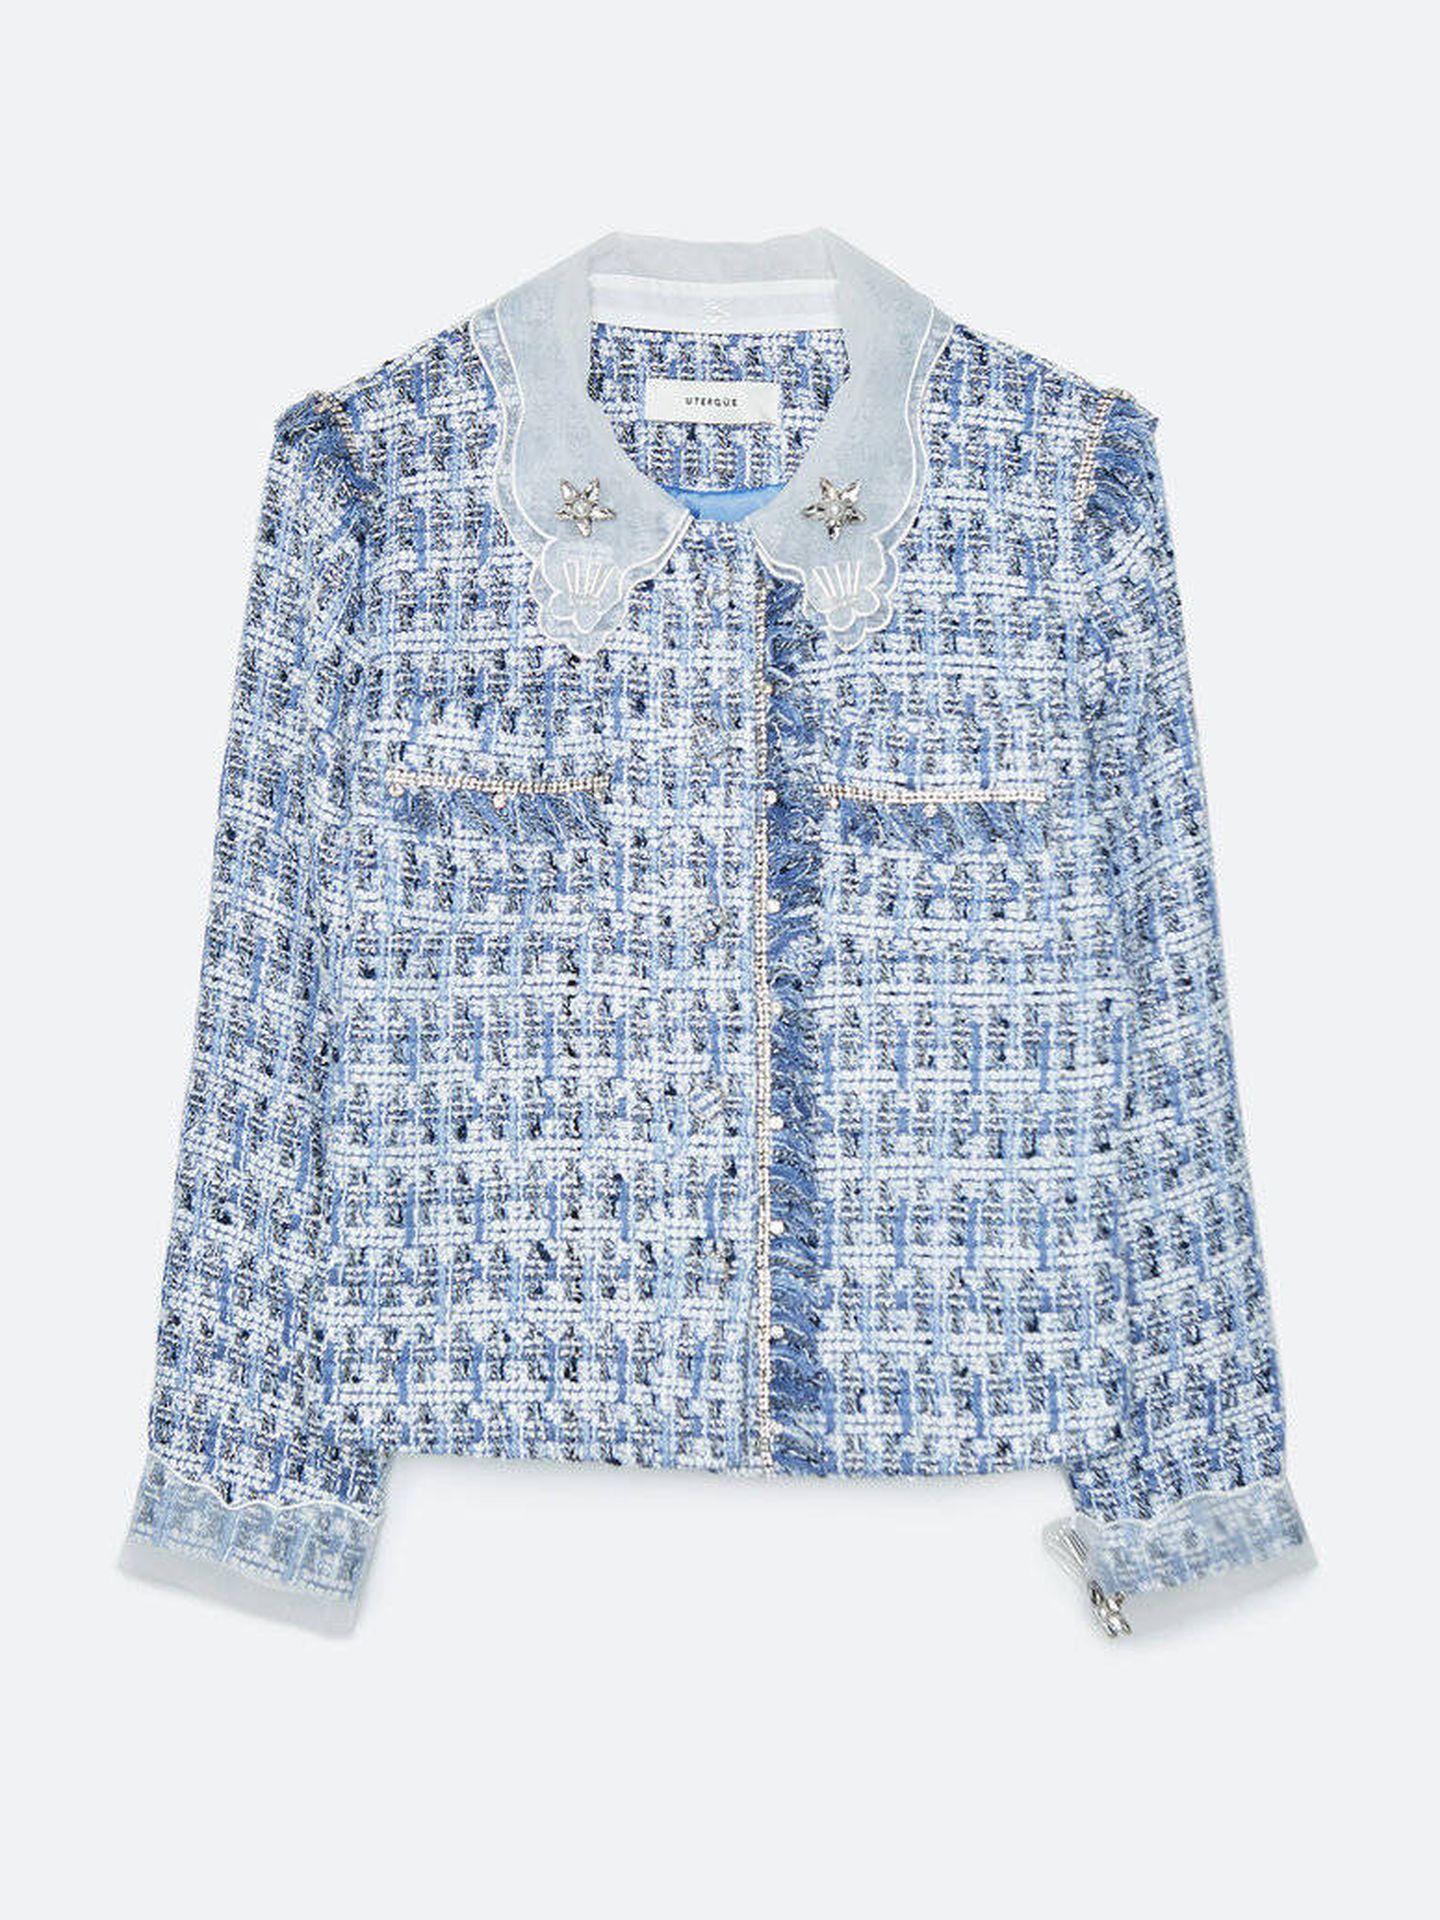 La chaqueta de Uterqüe. (Cortesía)